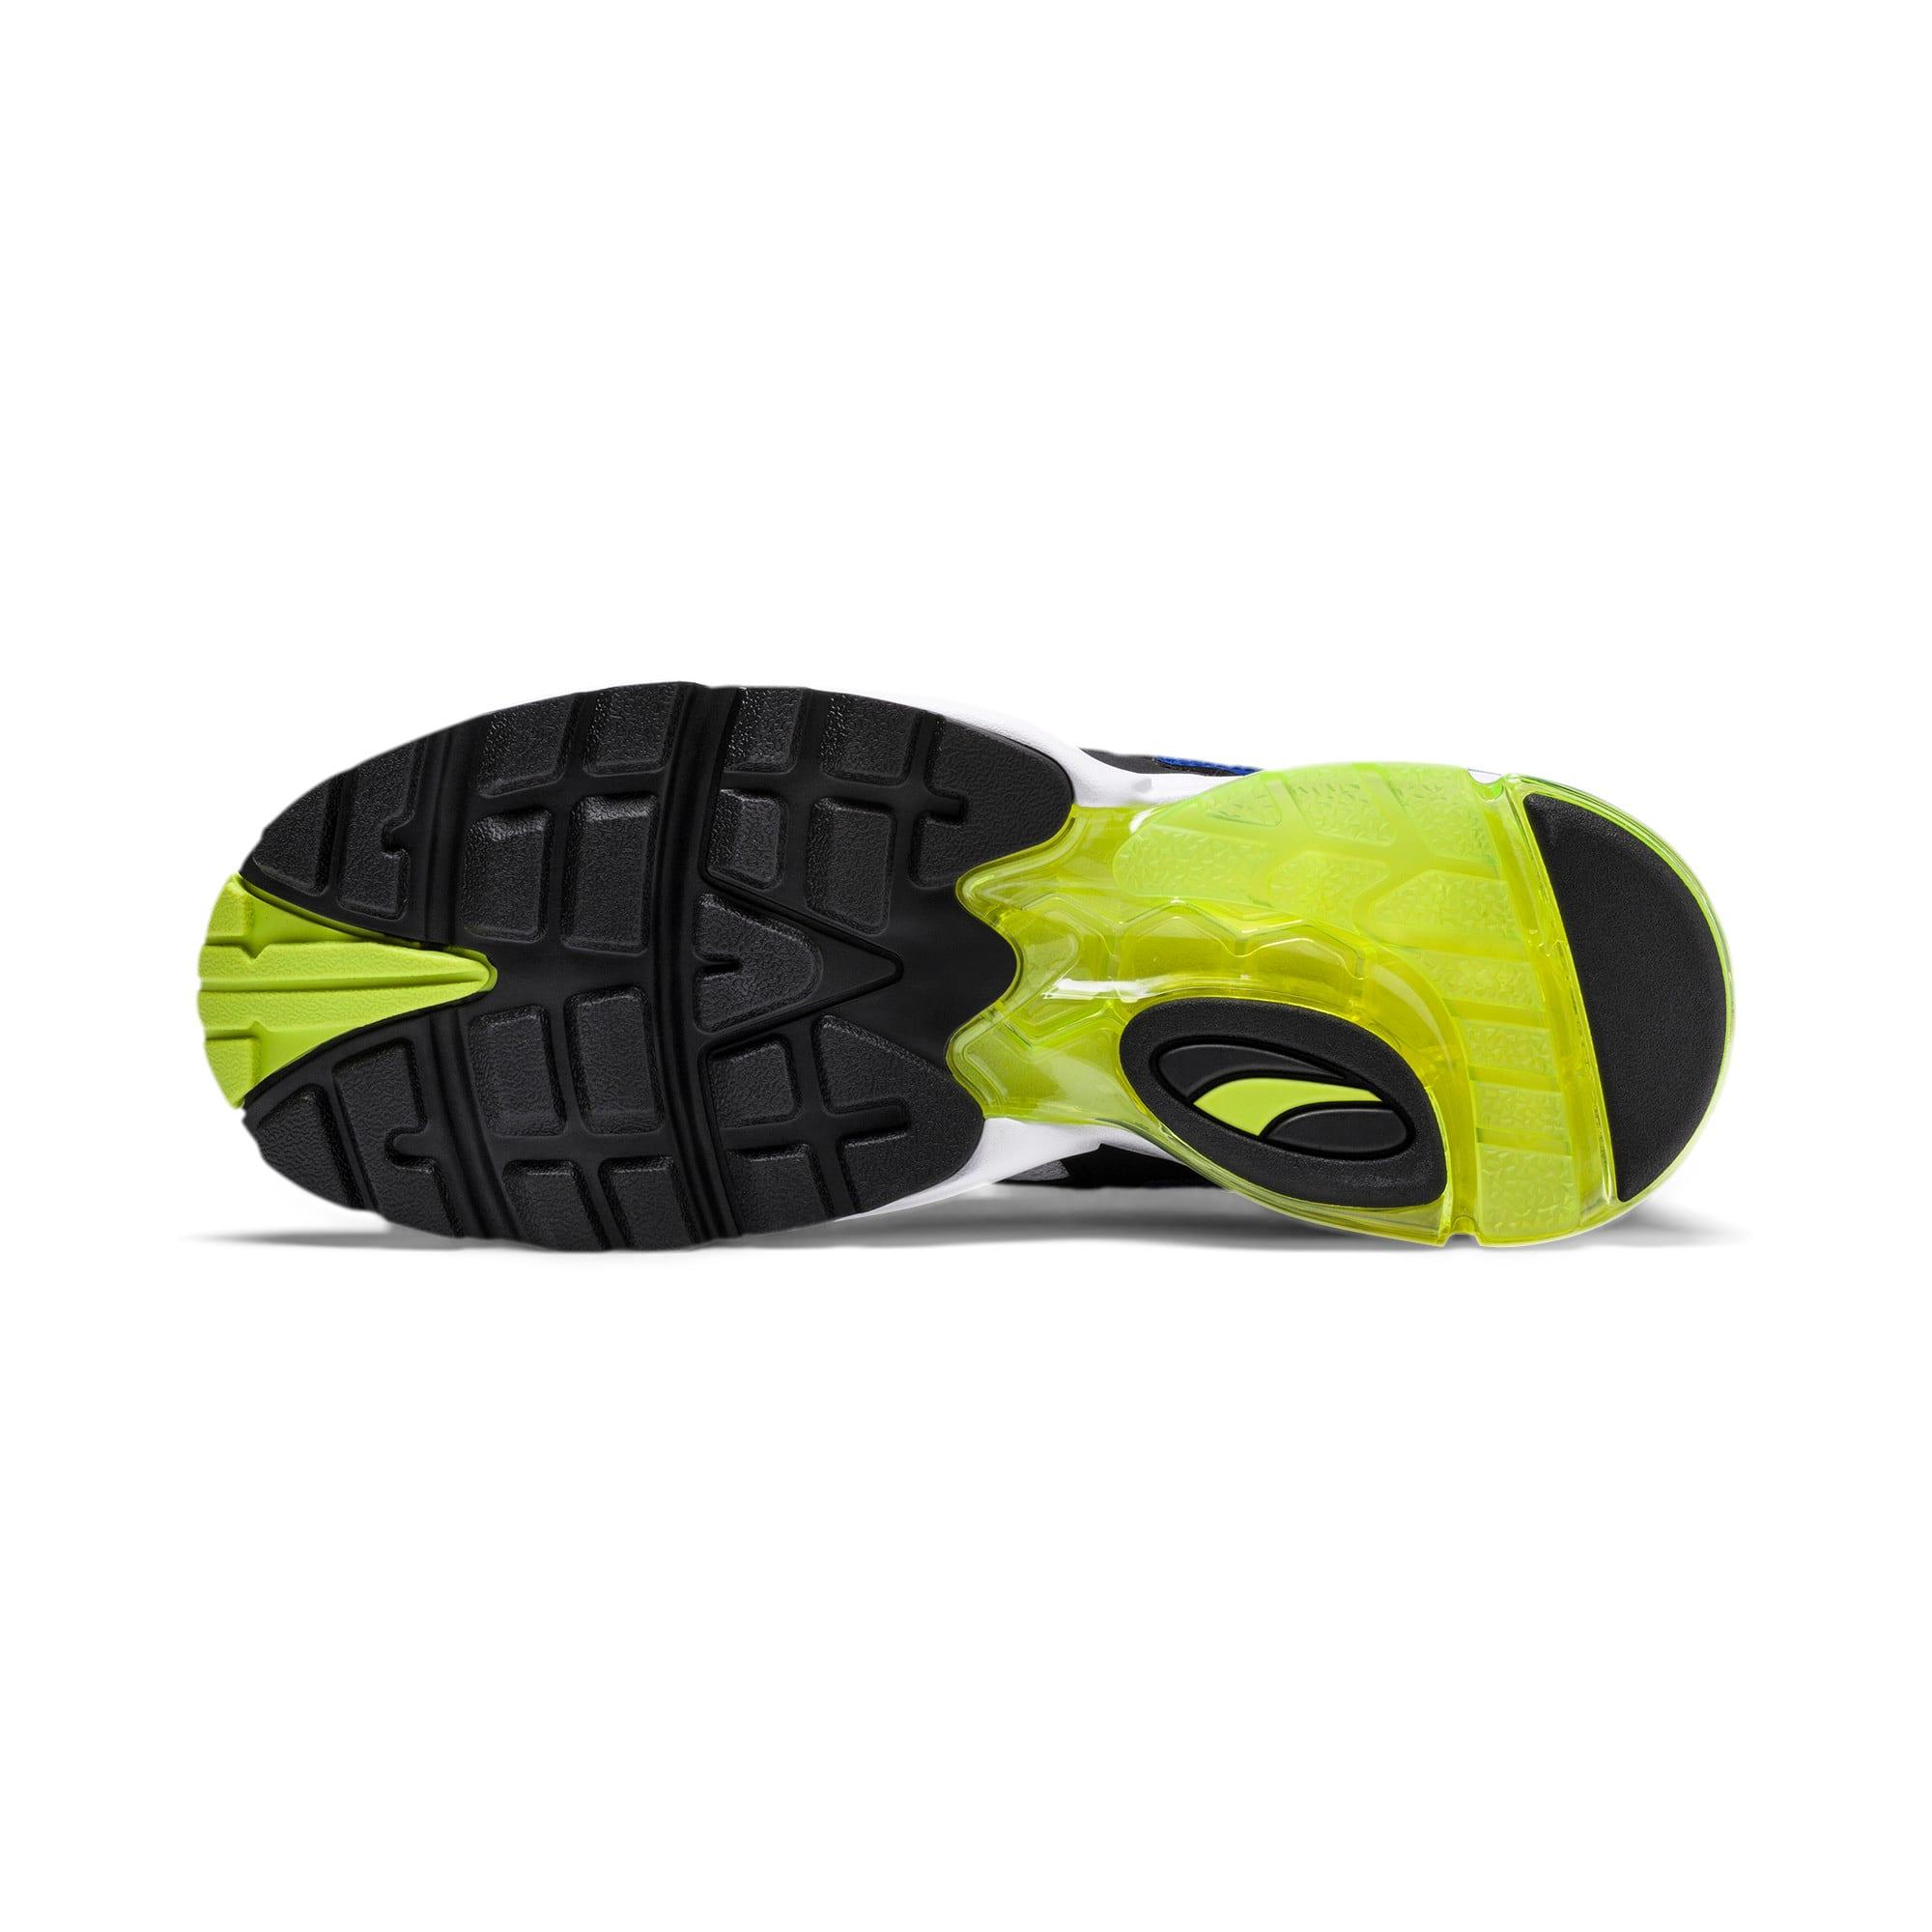 Miniatura 5 de Zapatos deportivos CELL Alien OG, Puma Black-Surf The Web, mediano